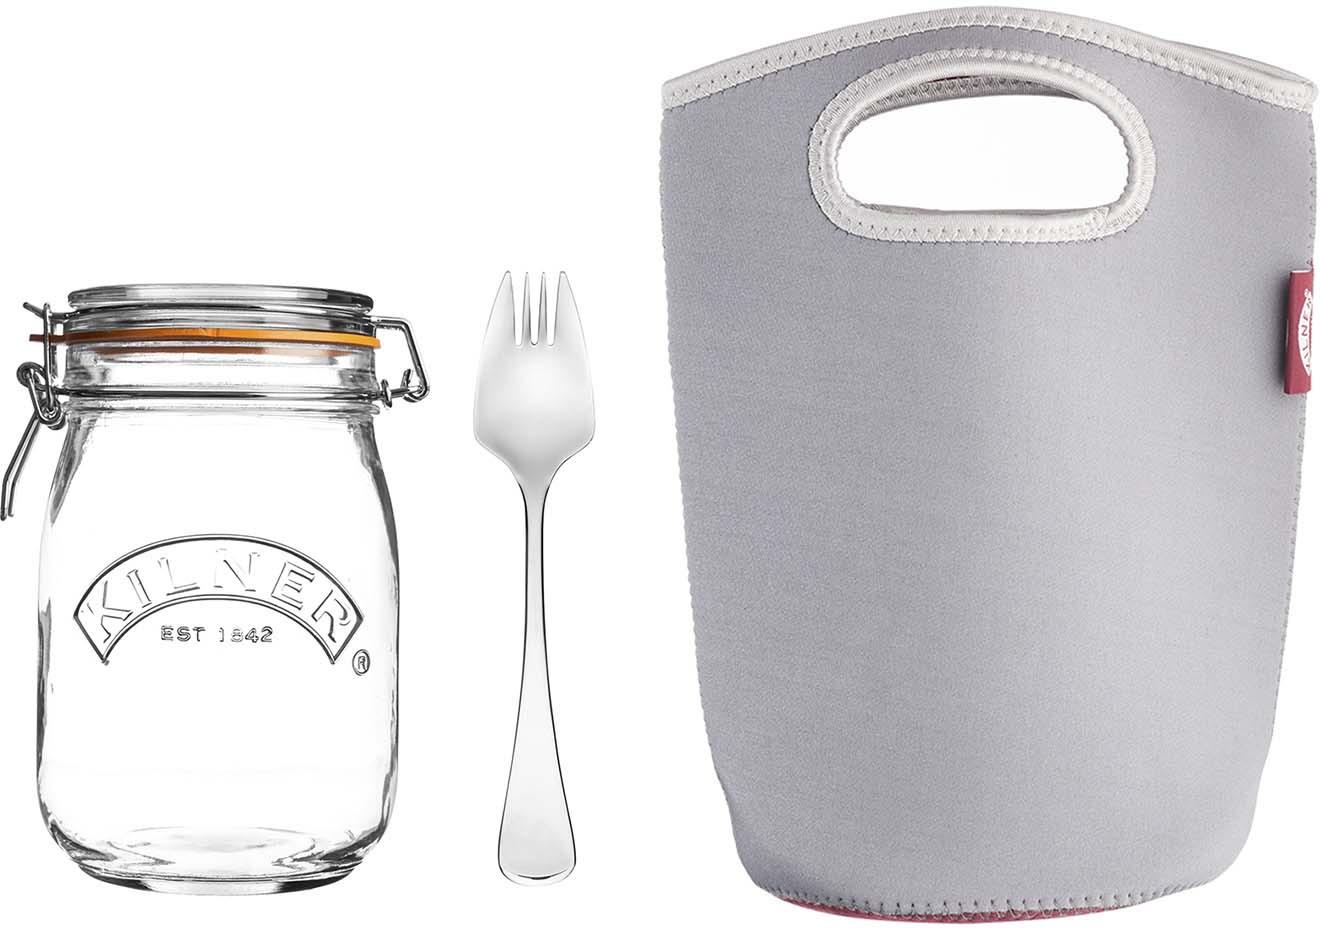 Набор для ланча с собой Kilner Prepare: банка 1 л, ложка, сумка-переноска